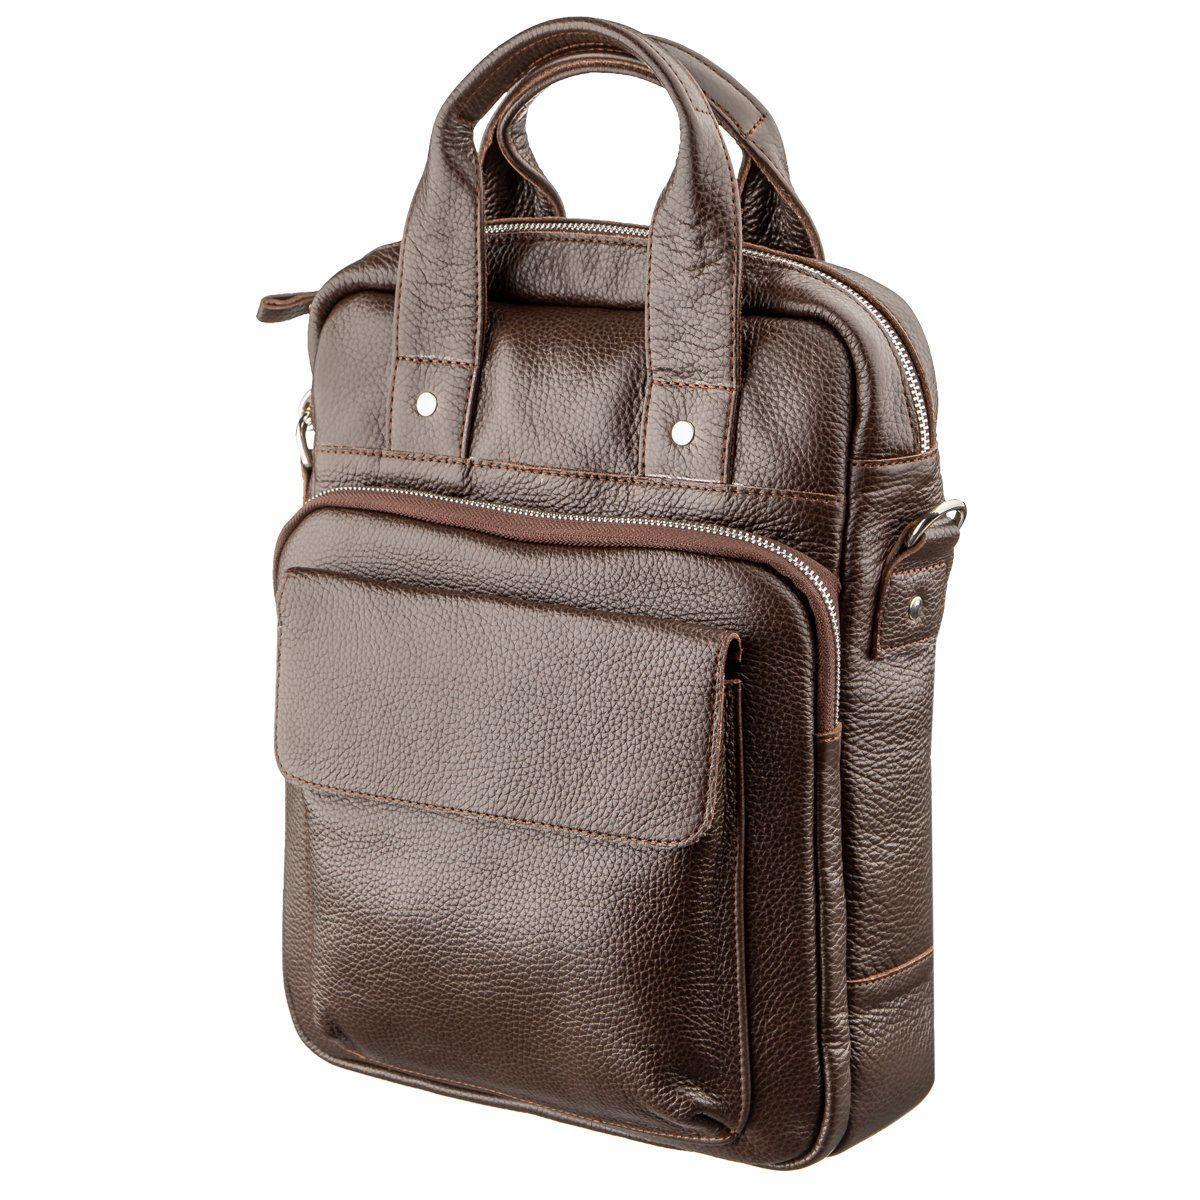 Качественная мужская сумка вертикального формата SHVIGEL 11168 под А4 Коричневая флотар, Коричневый